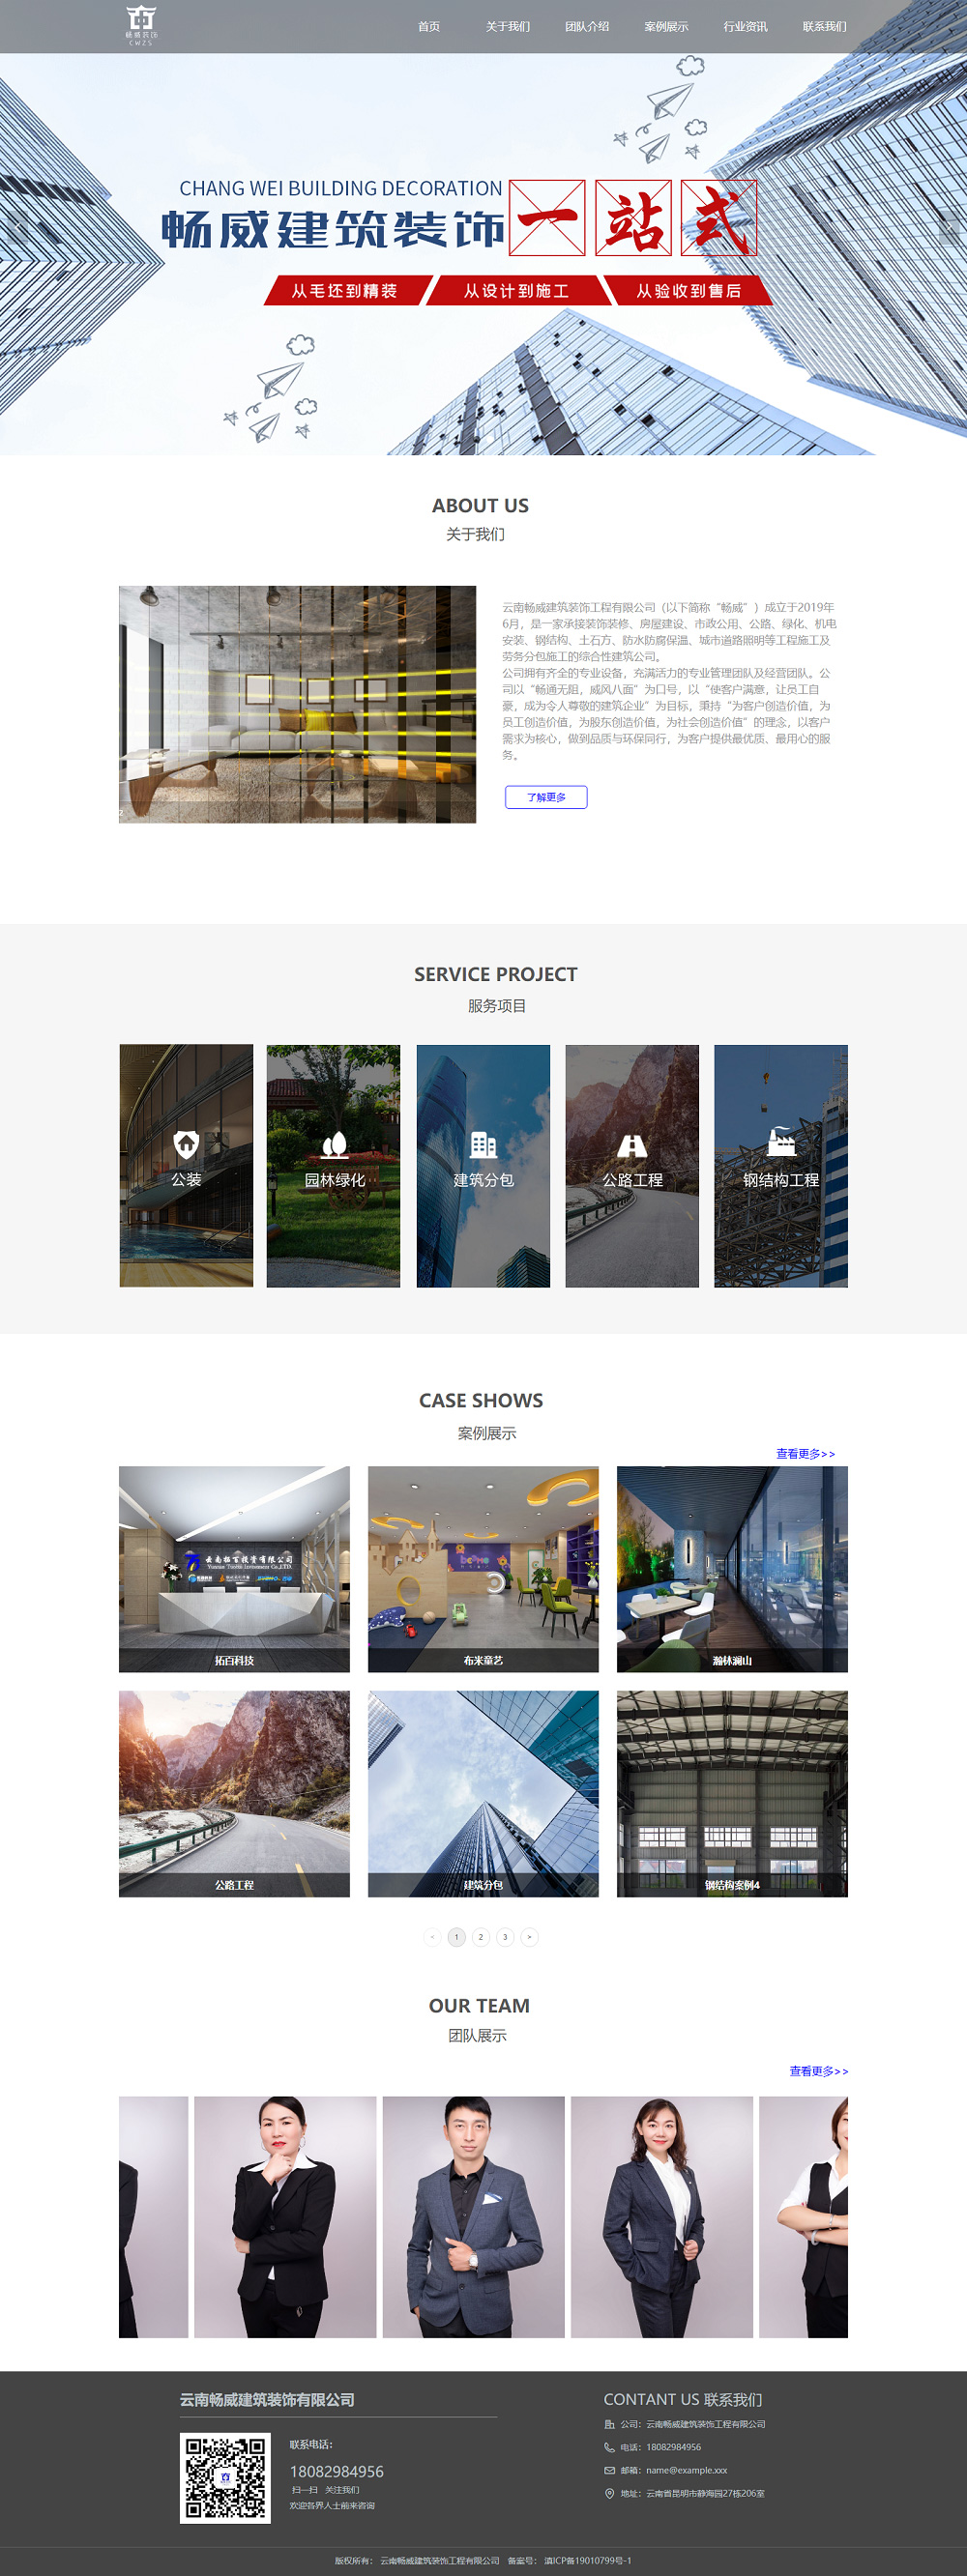 云南畅威建筑装饰网站建设案例